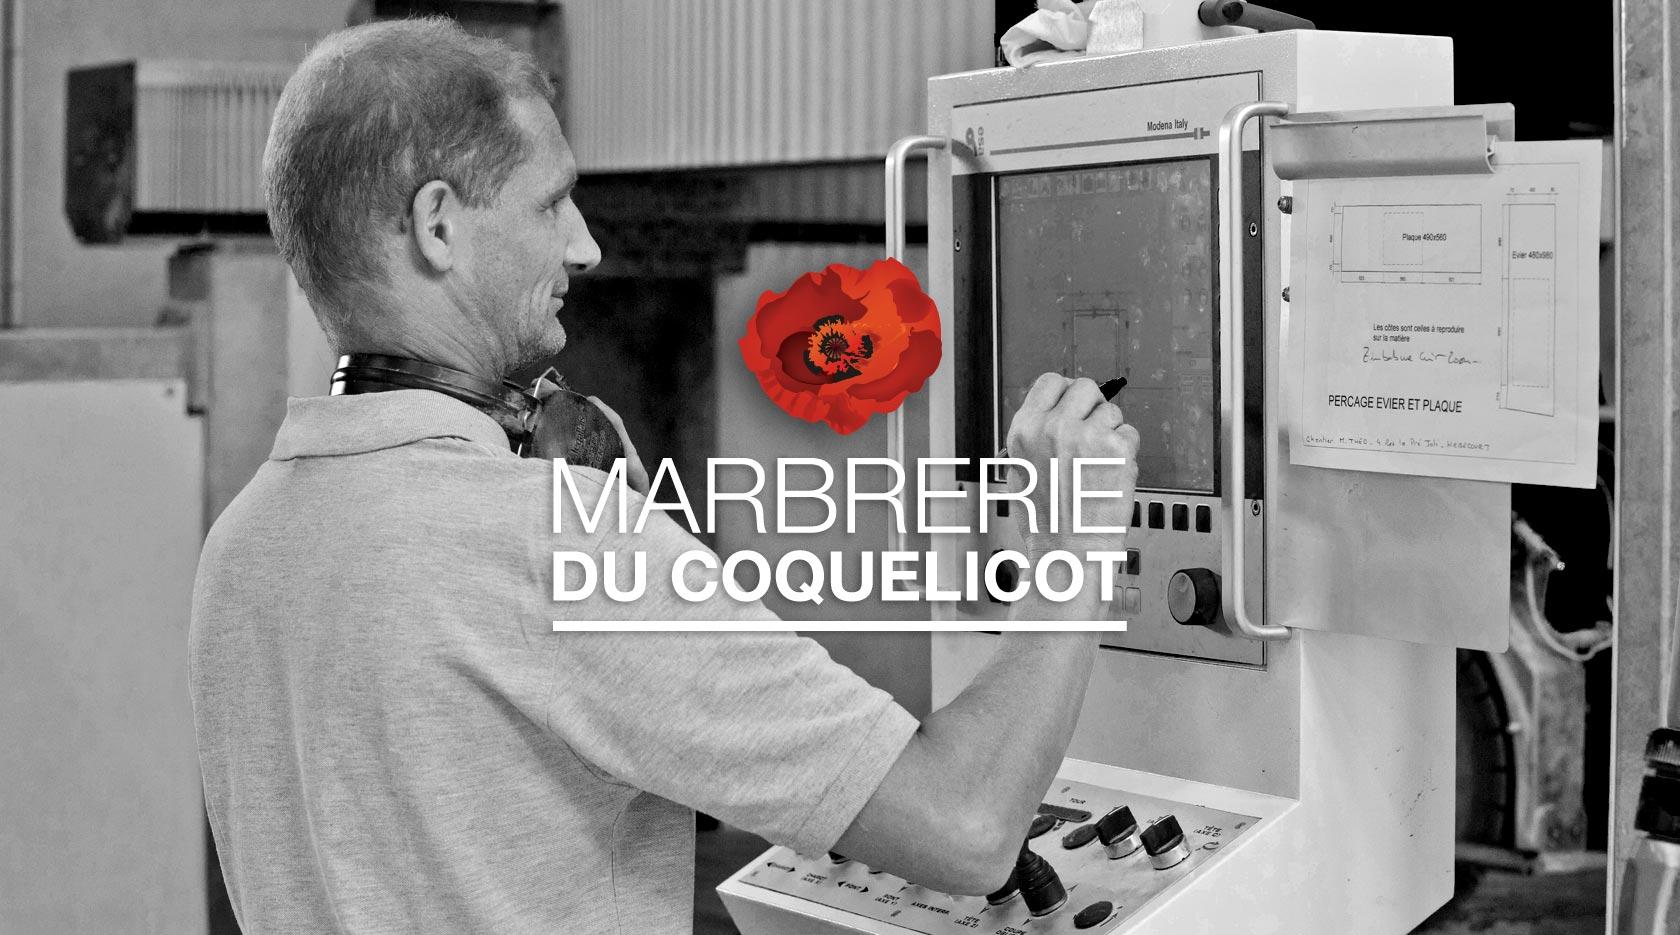 accueil_marbrerie02